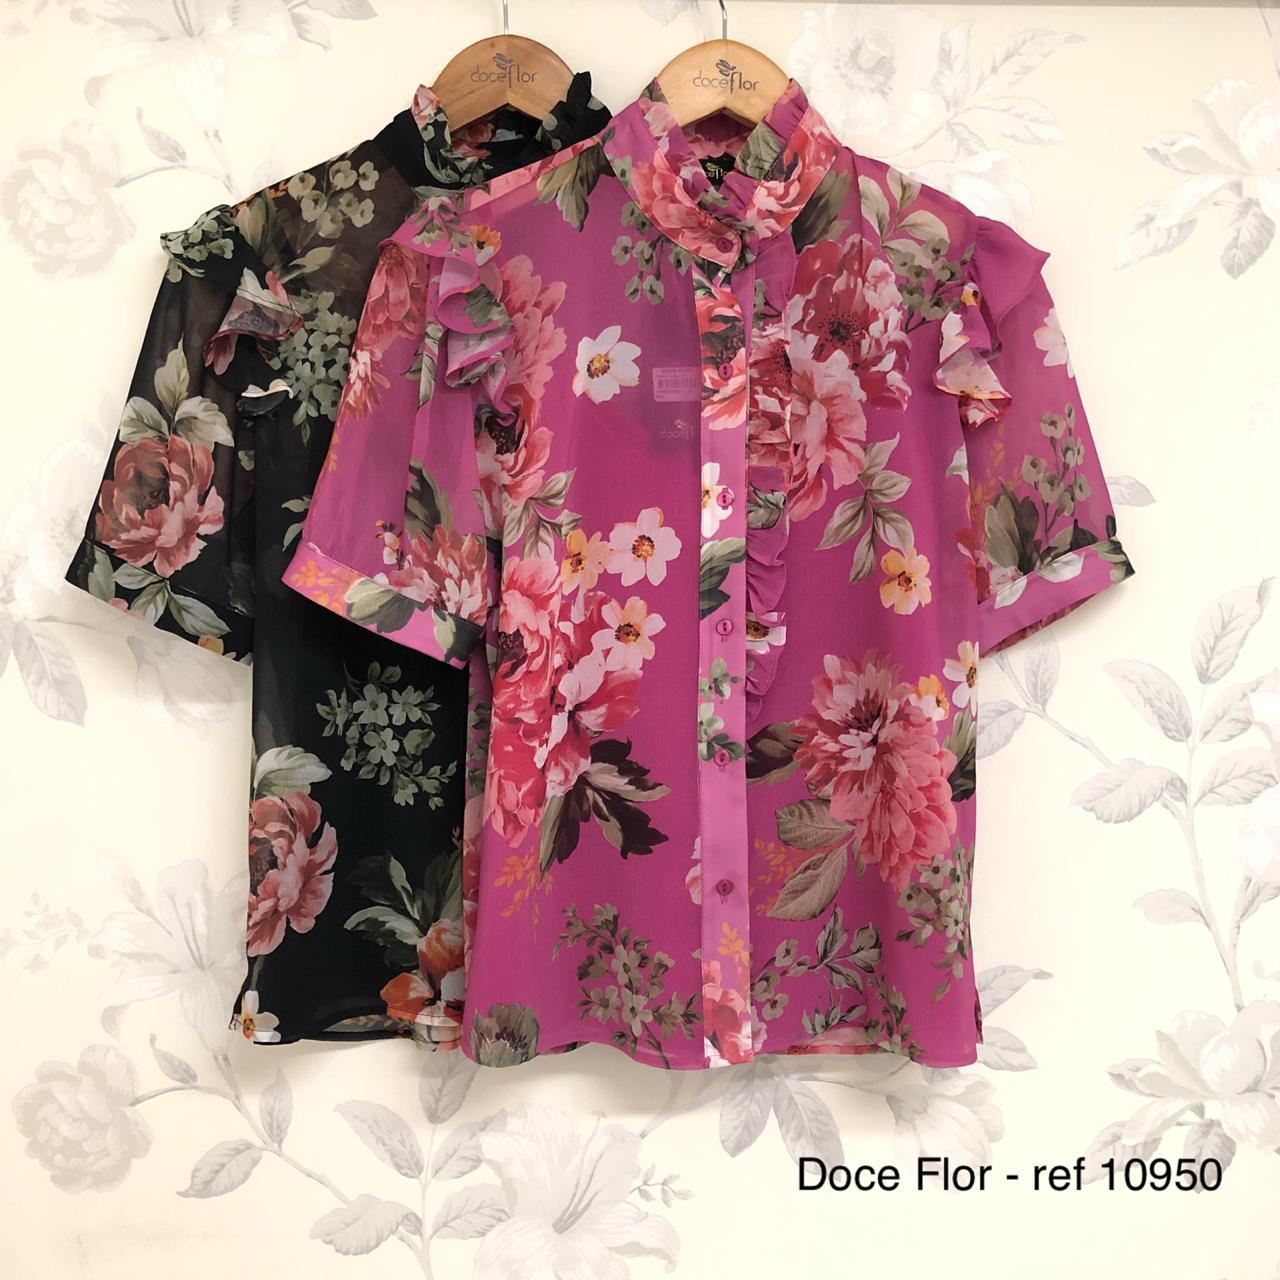 Camisa Manga Curta Floral Doce Flor em Crepe